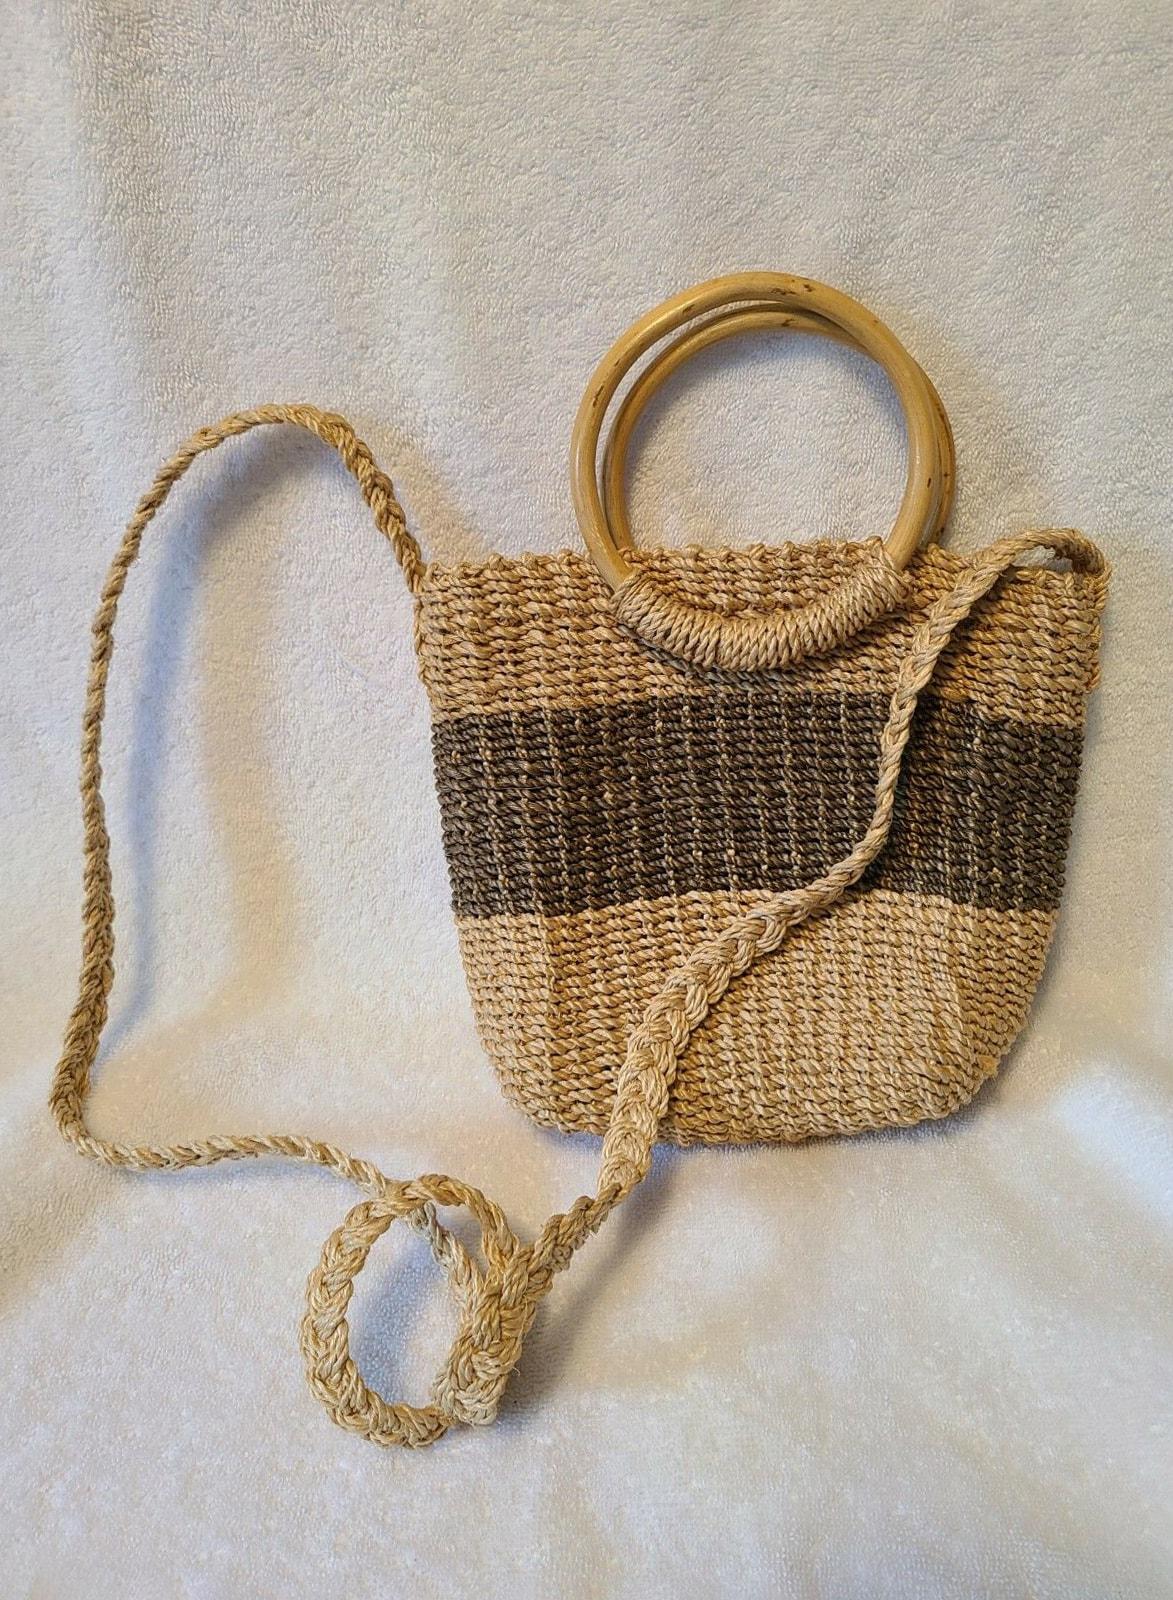 Esprit Vintage Beige & Brown Woven Straw Crossbody Bag Purse Braided Strap